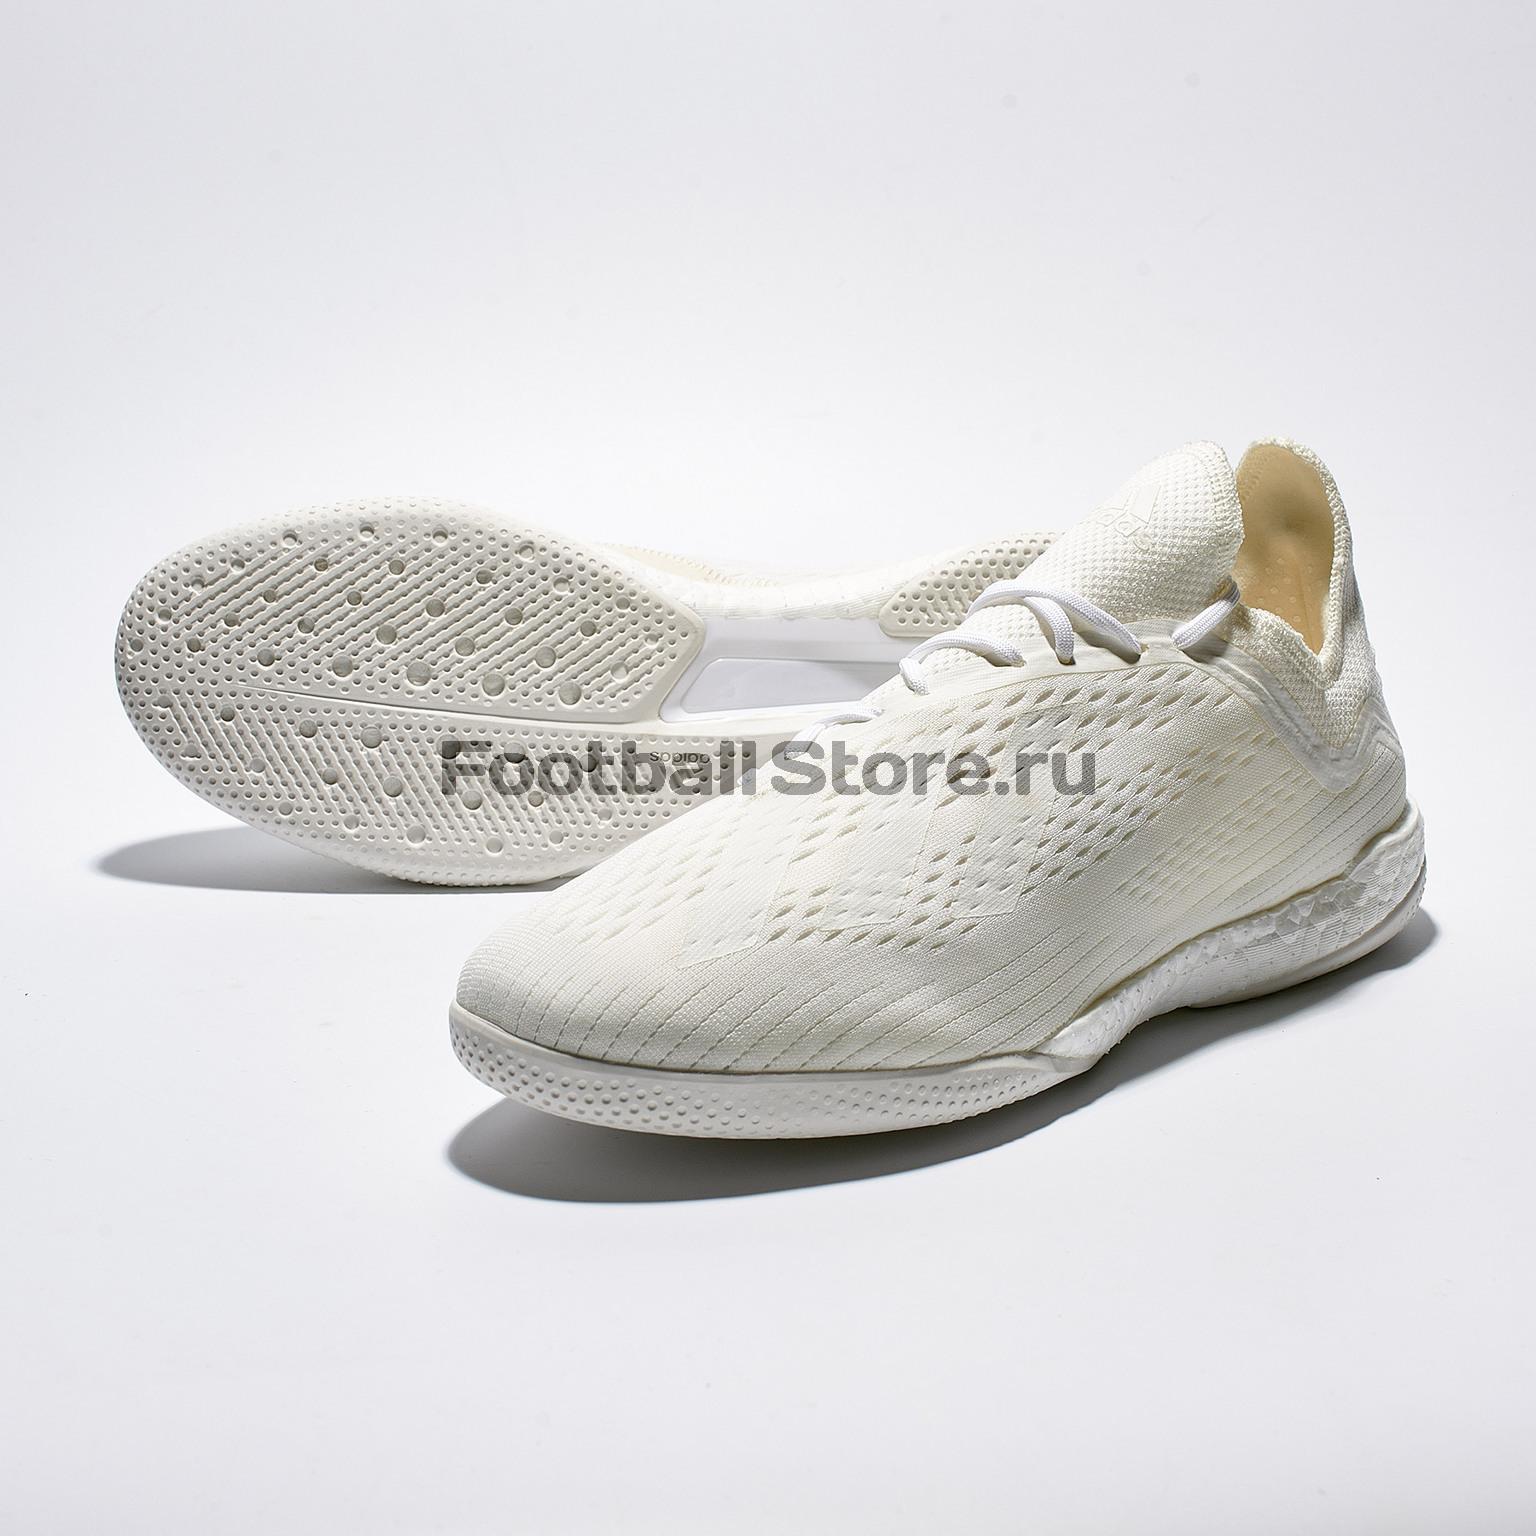 Футбольная обувь Adidas X Tango 18.1 TR DB2281 adidas adidas clover 2017 весенняя мужская повседневная серия x plr повседневная обувь bb1100 41 ярдов